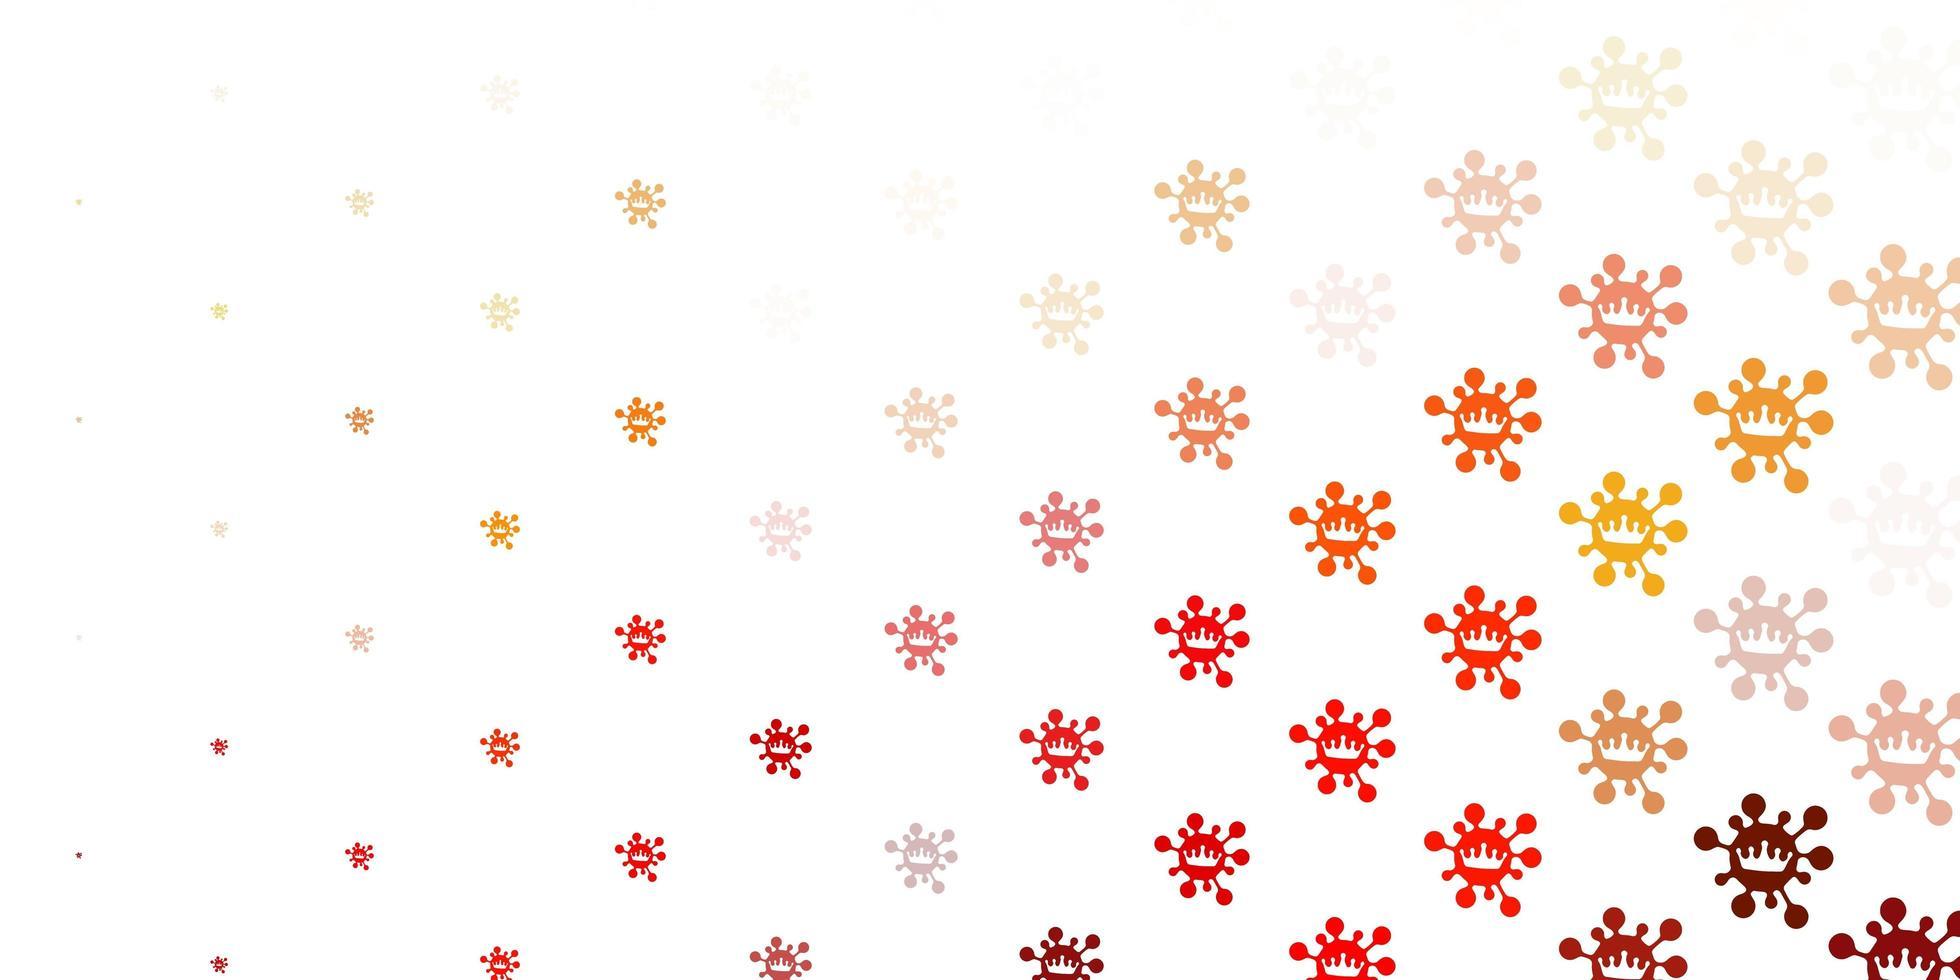 sfondo vettoriale arancione chiaro con simboli covid-19.